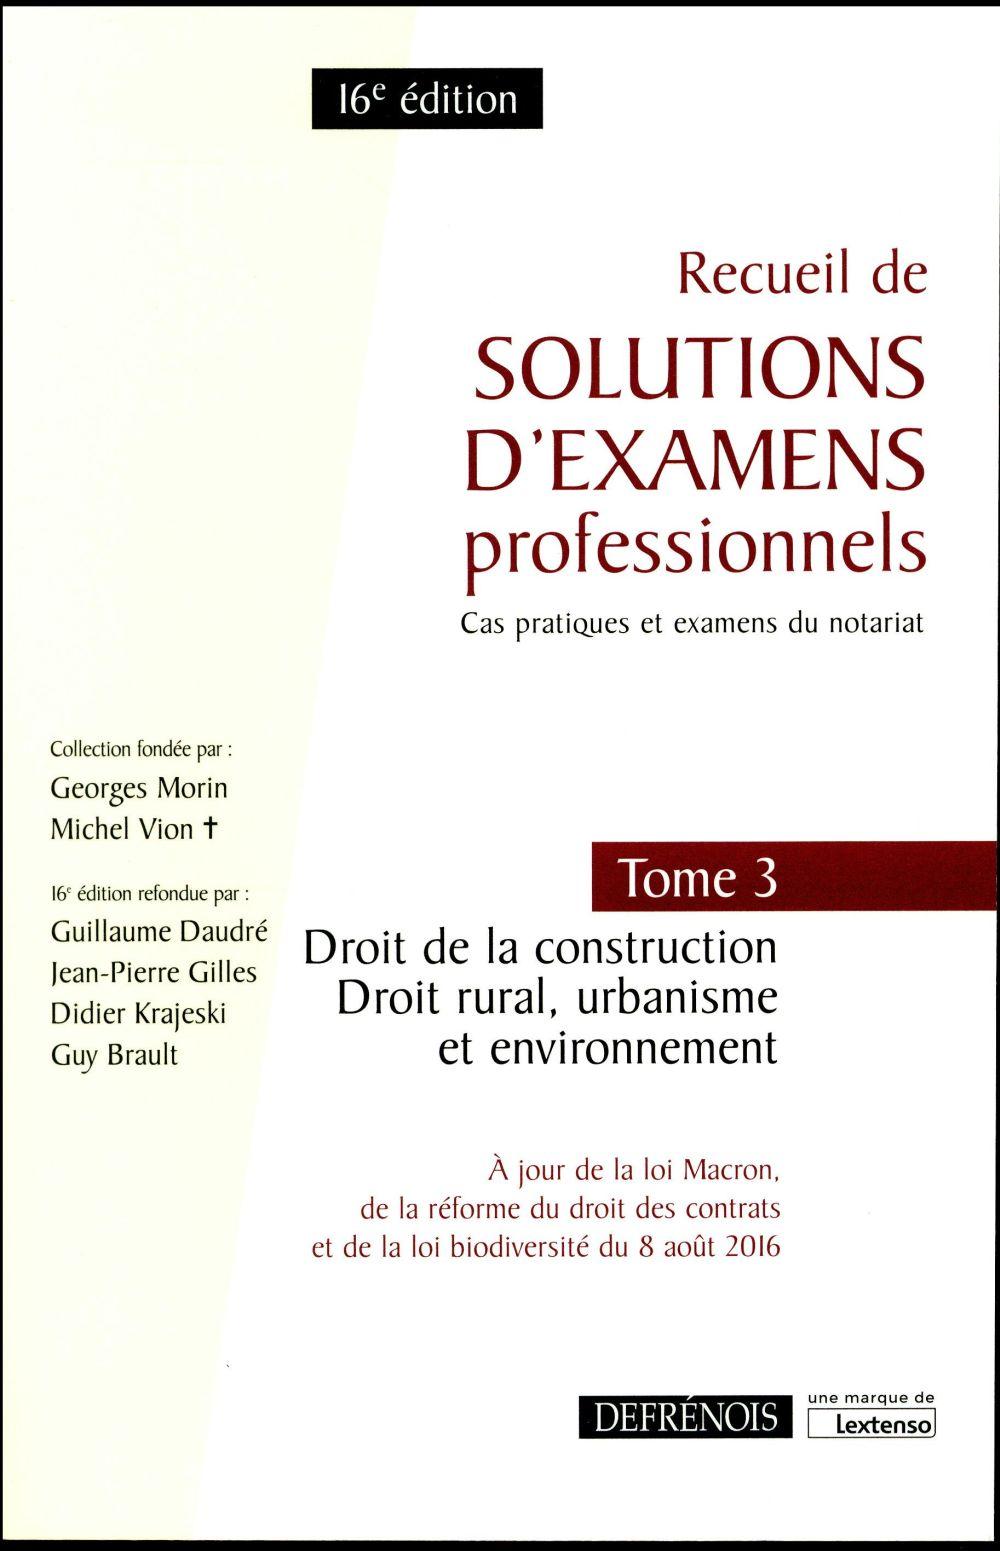 Recueil de solutions d'examens professionnels t.3 ; droit de la construction ; droit rural, urbanisme et environnement (16e édition)